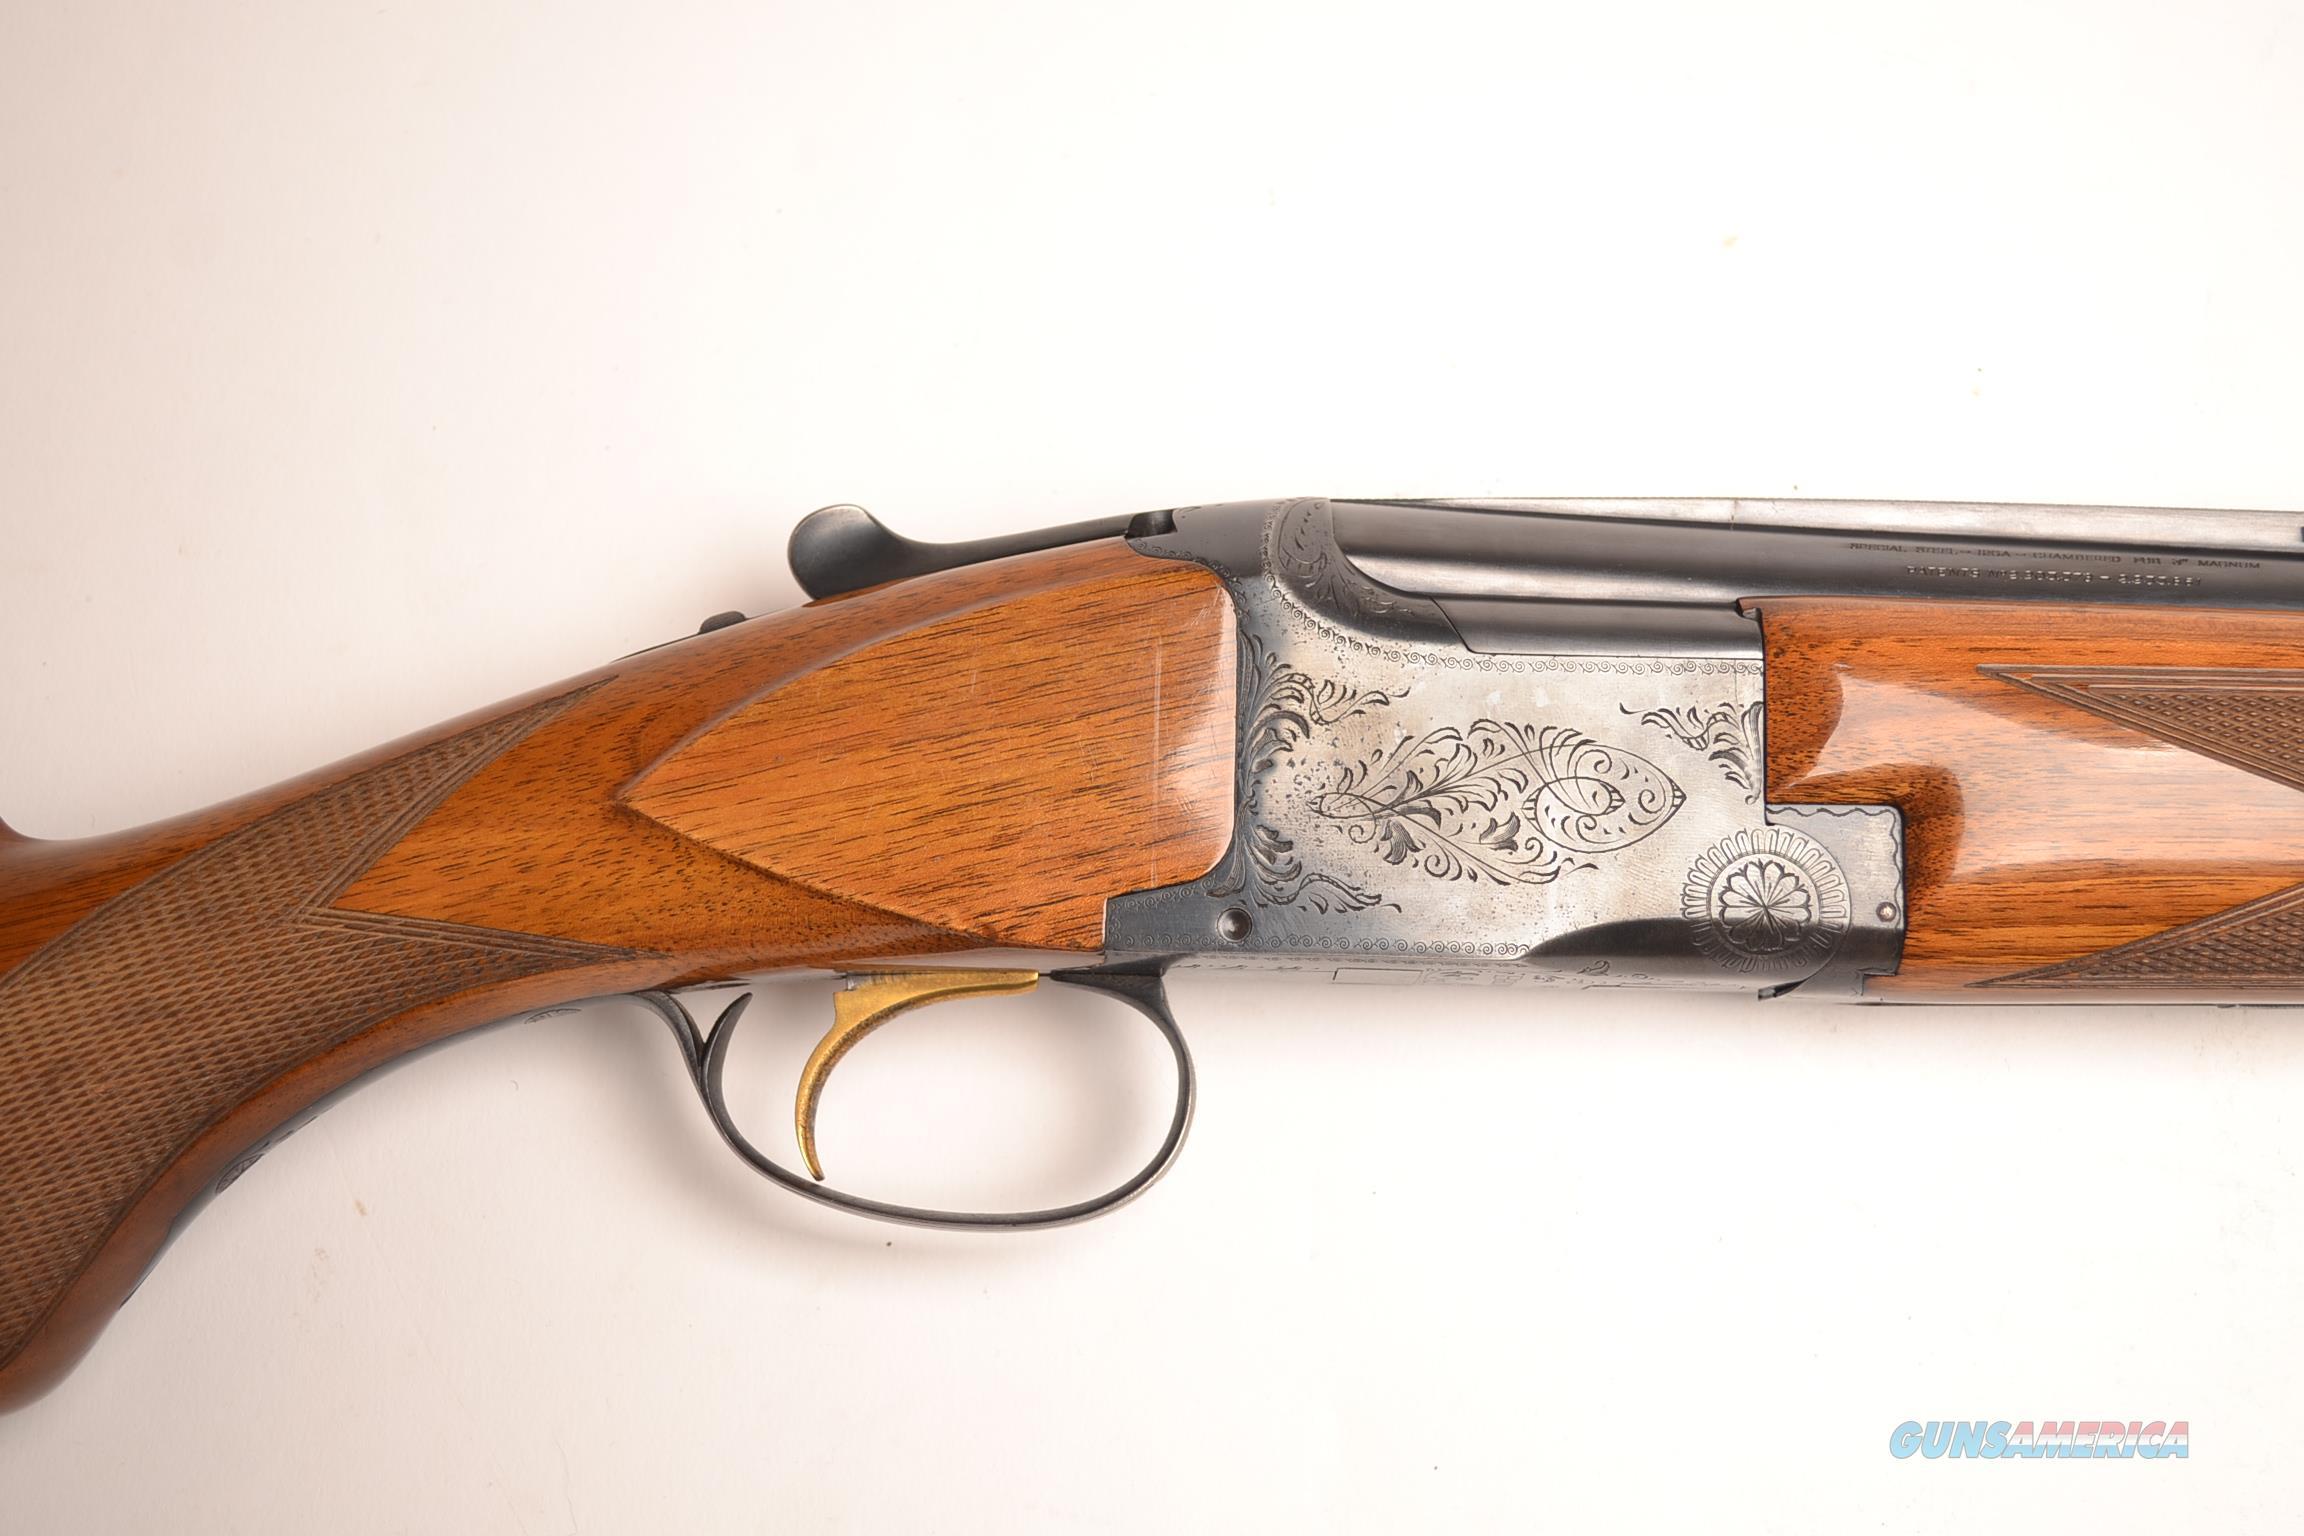 Browning – Grade 1 Magnum, 12ga.  Guns > Shotguns > Browning Shotguns > Over Unders > Belgian Manufacture